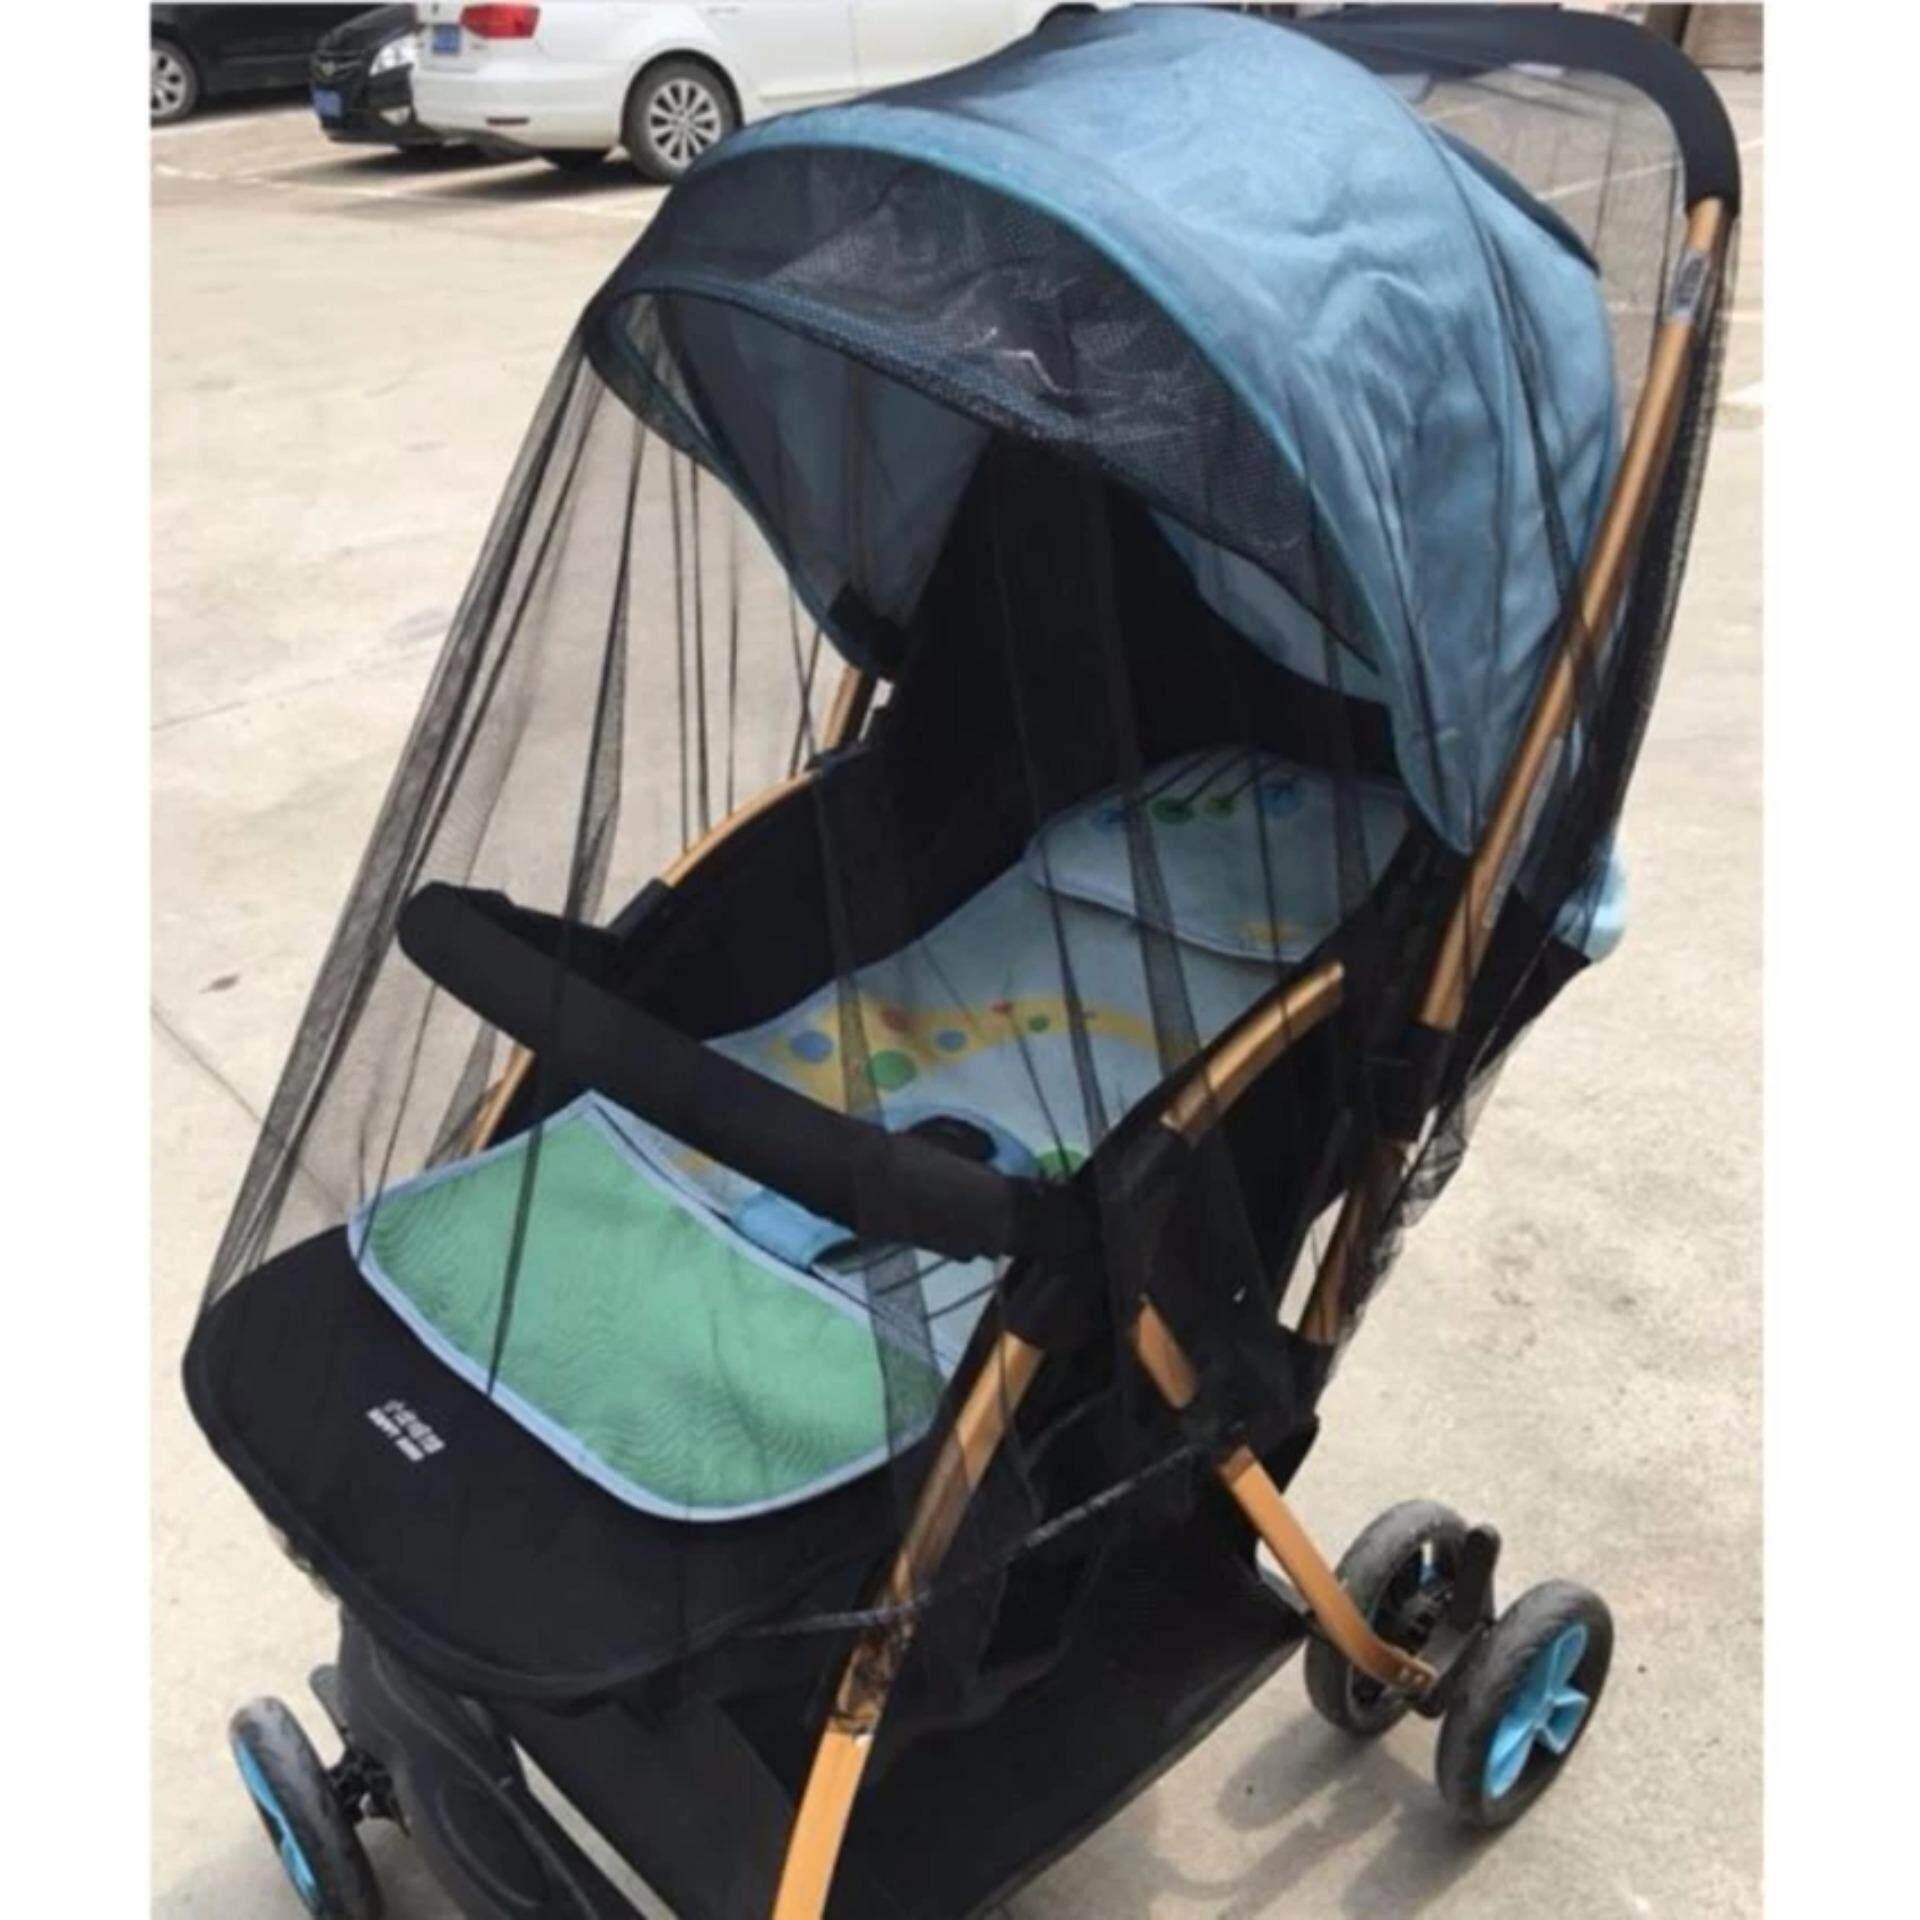 ซื้อที่ไหน มุ้งครอบรถเข็นเด็ก กันยุง ปลอดภัย จากยุง 100 เปอร์เซนต์